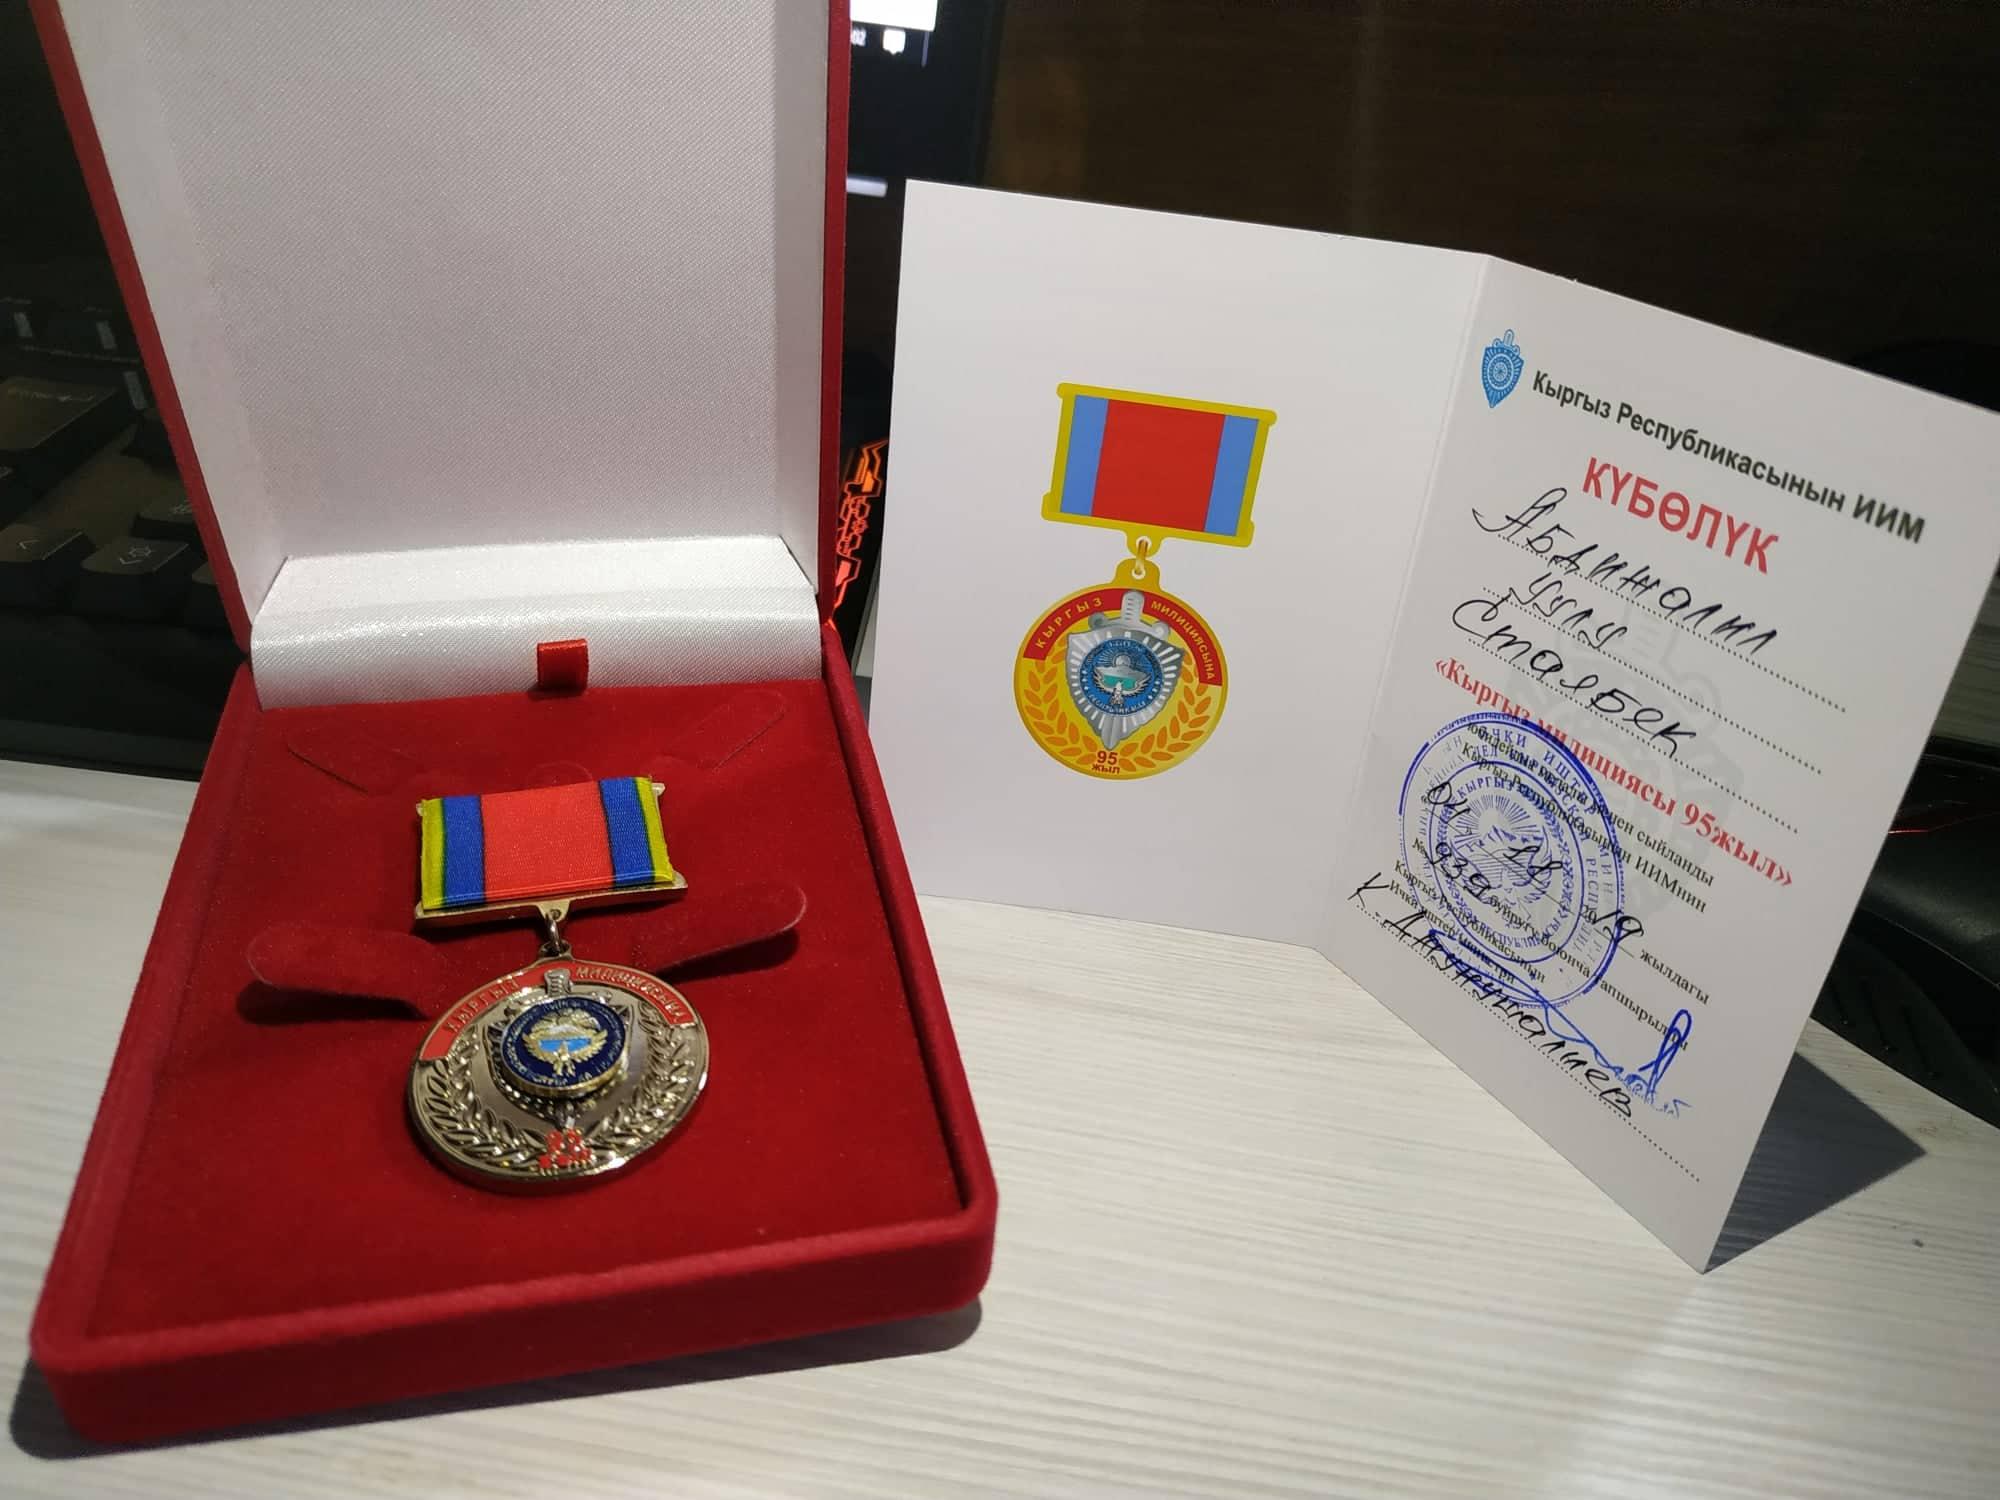 Reporter.kg`нин редактору Сталбек Абдижалил уулу басма сөз күнүнө карата ИИМдин медалы менен сыйланды